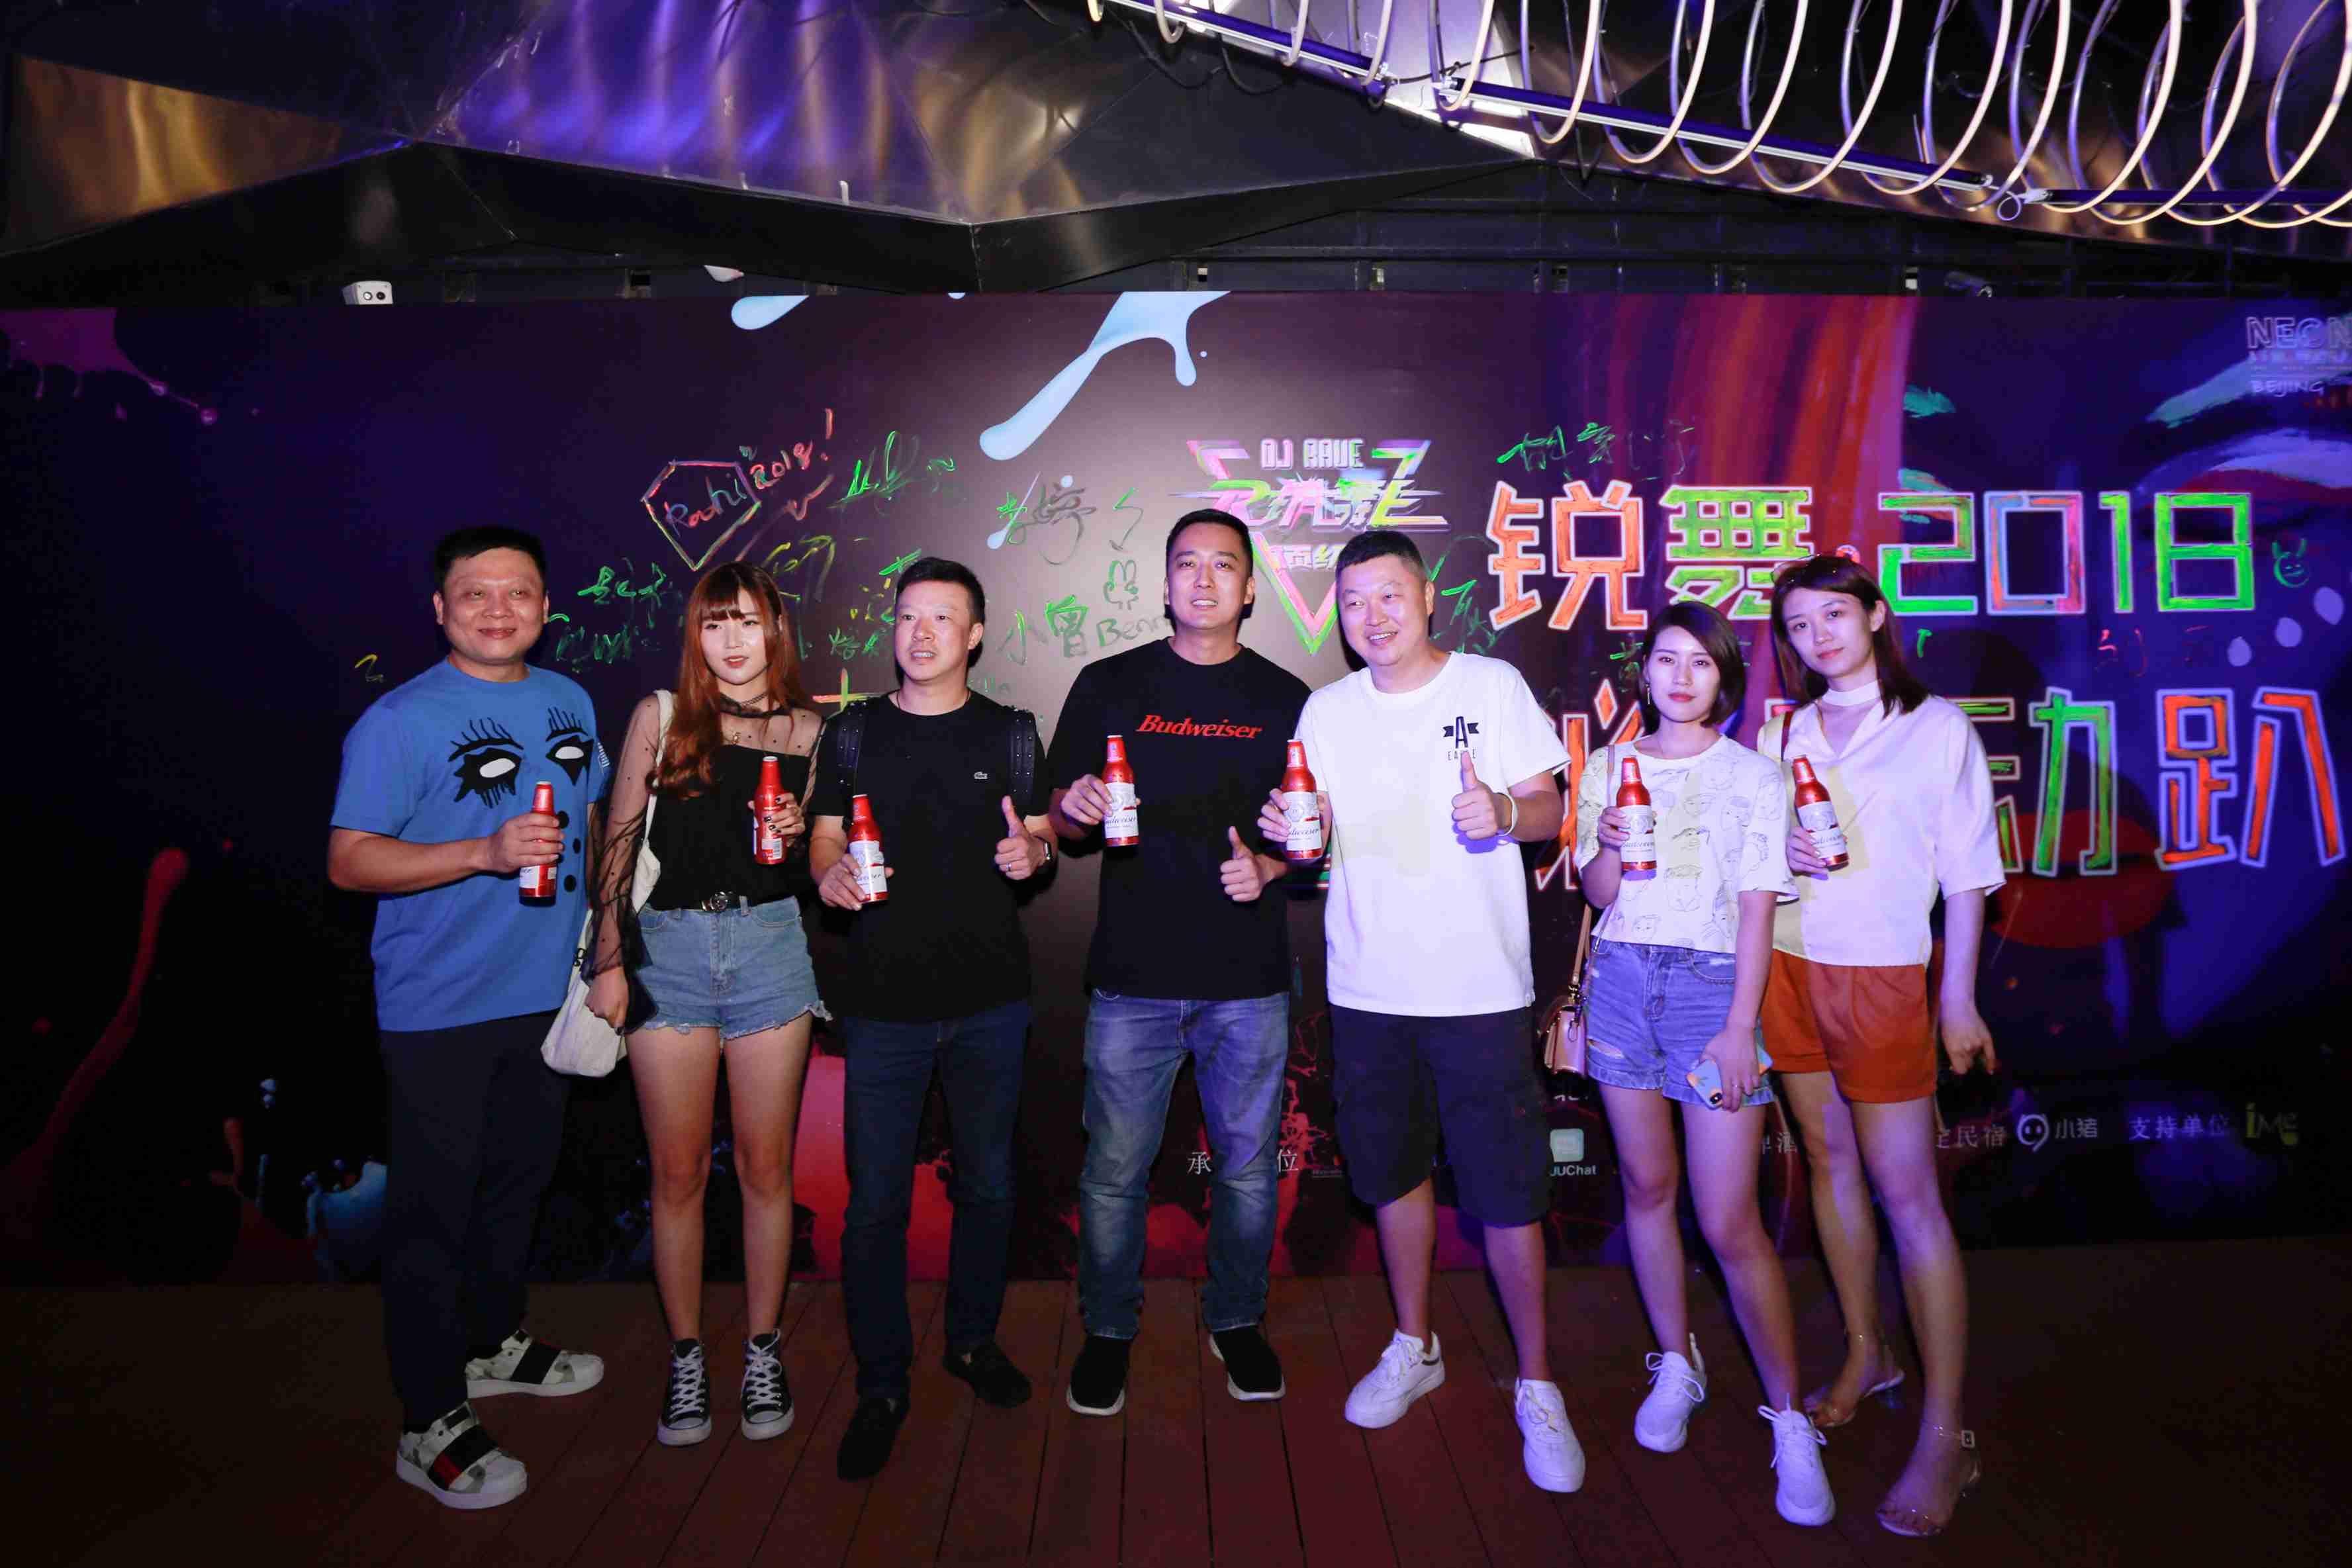 """""""锐舞·2018""""NEON Music Festival彩绘电音节启动,鸟巢首秀九月双日开燥!"""